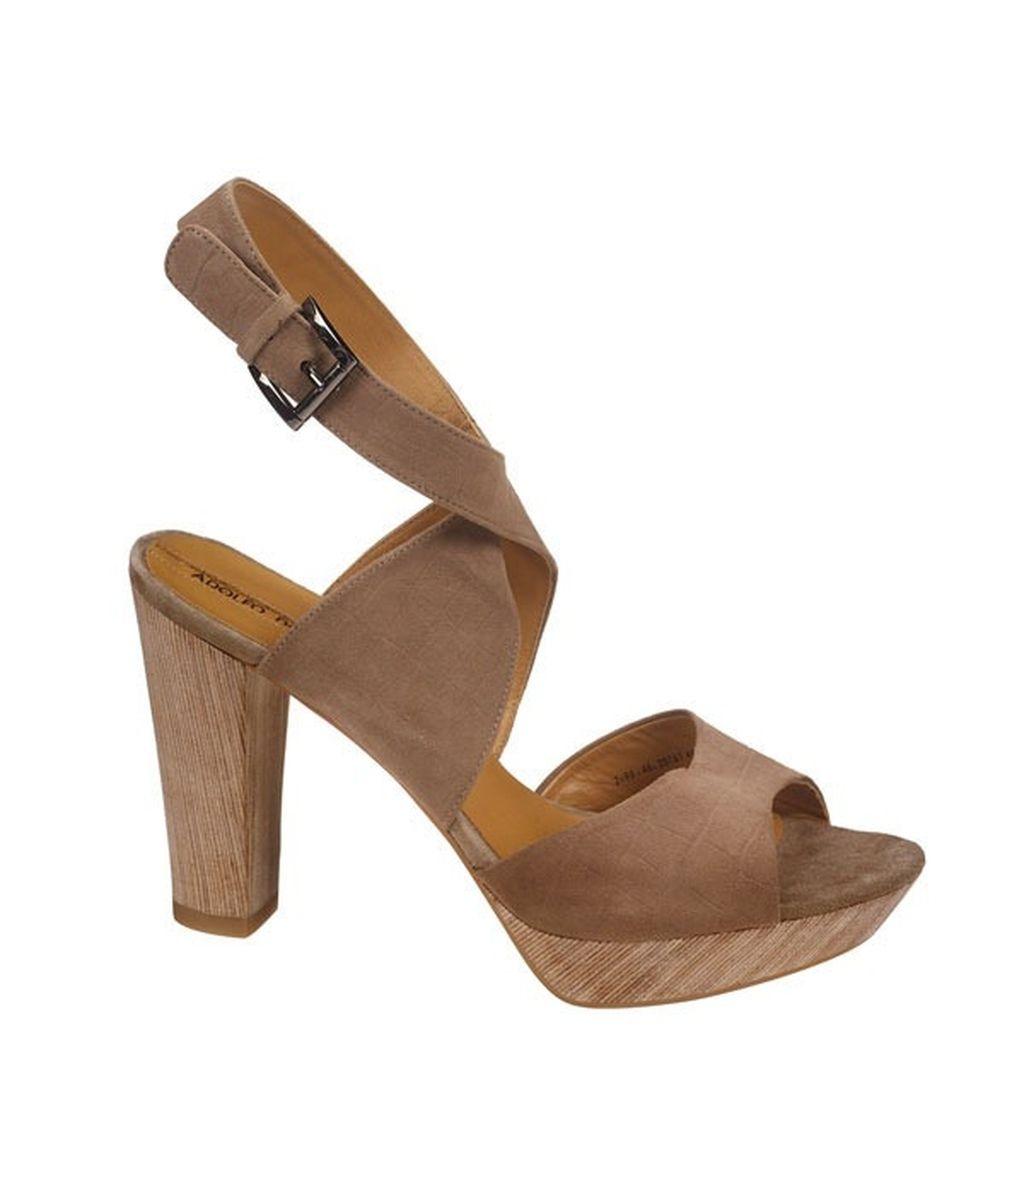 Llega el calor y ¿sabes qué sandalias ponerte?